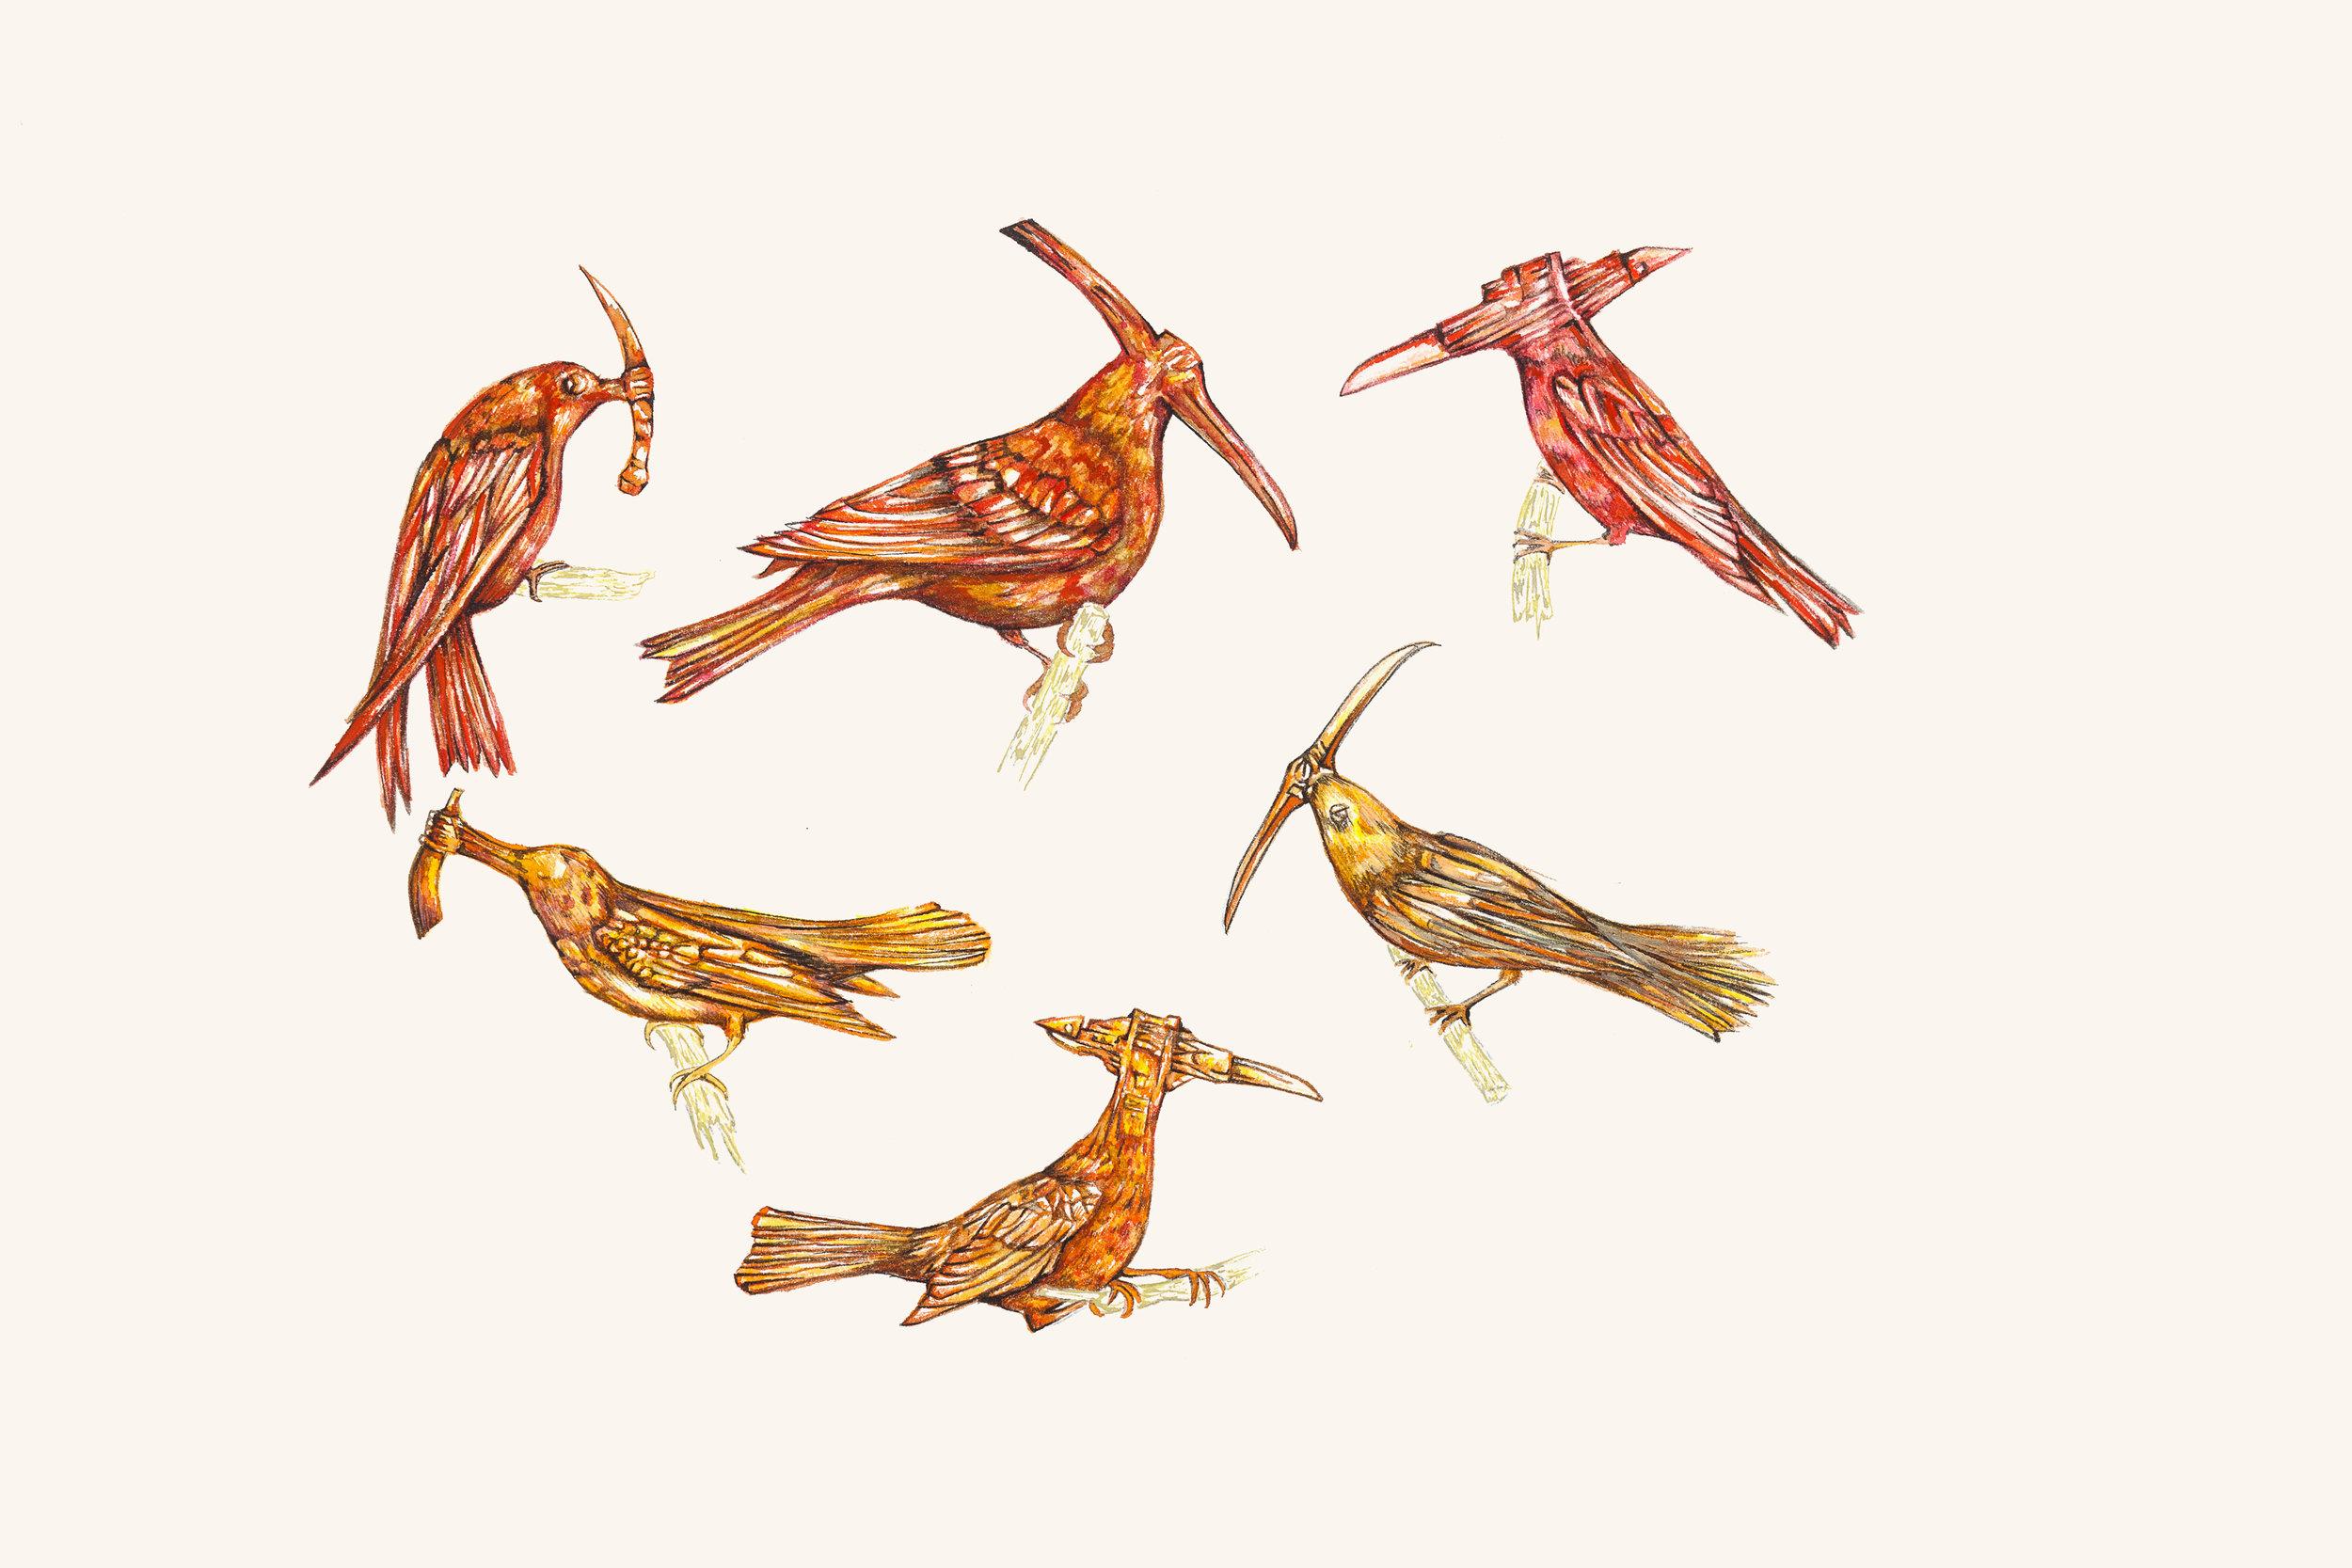 estudos para estampa  pássaros afiados [aquarela]